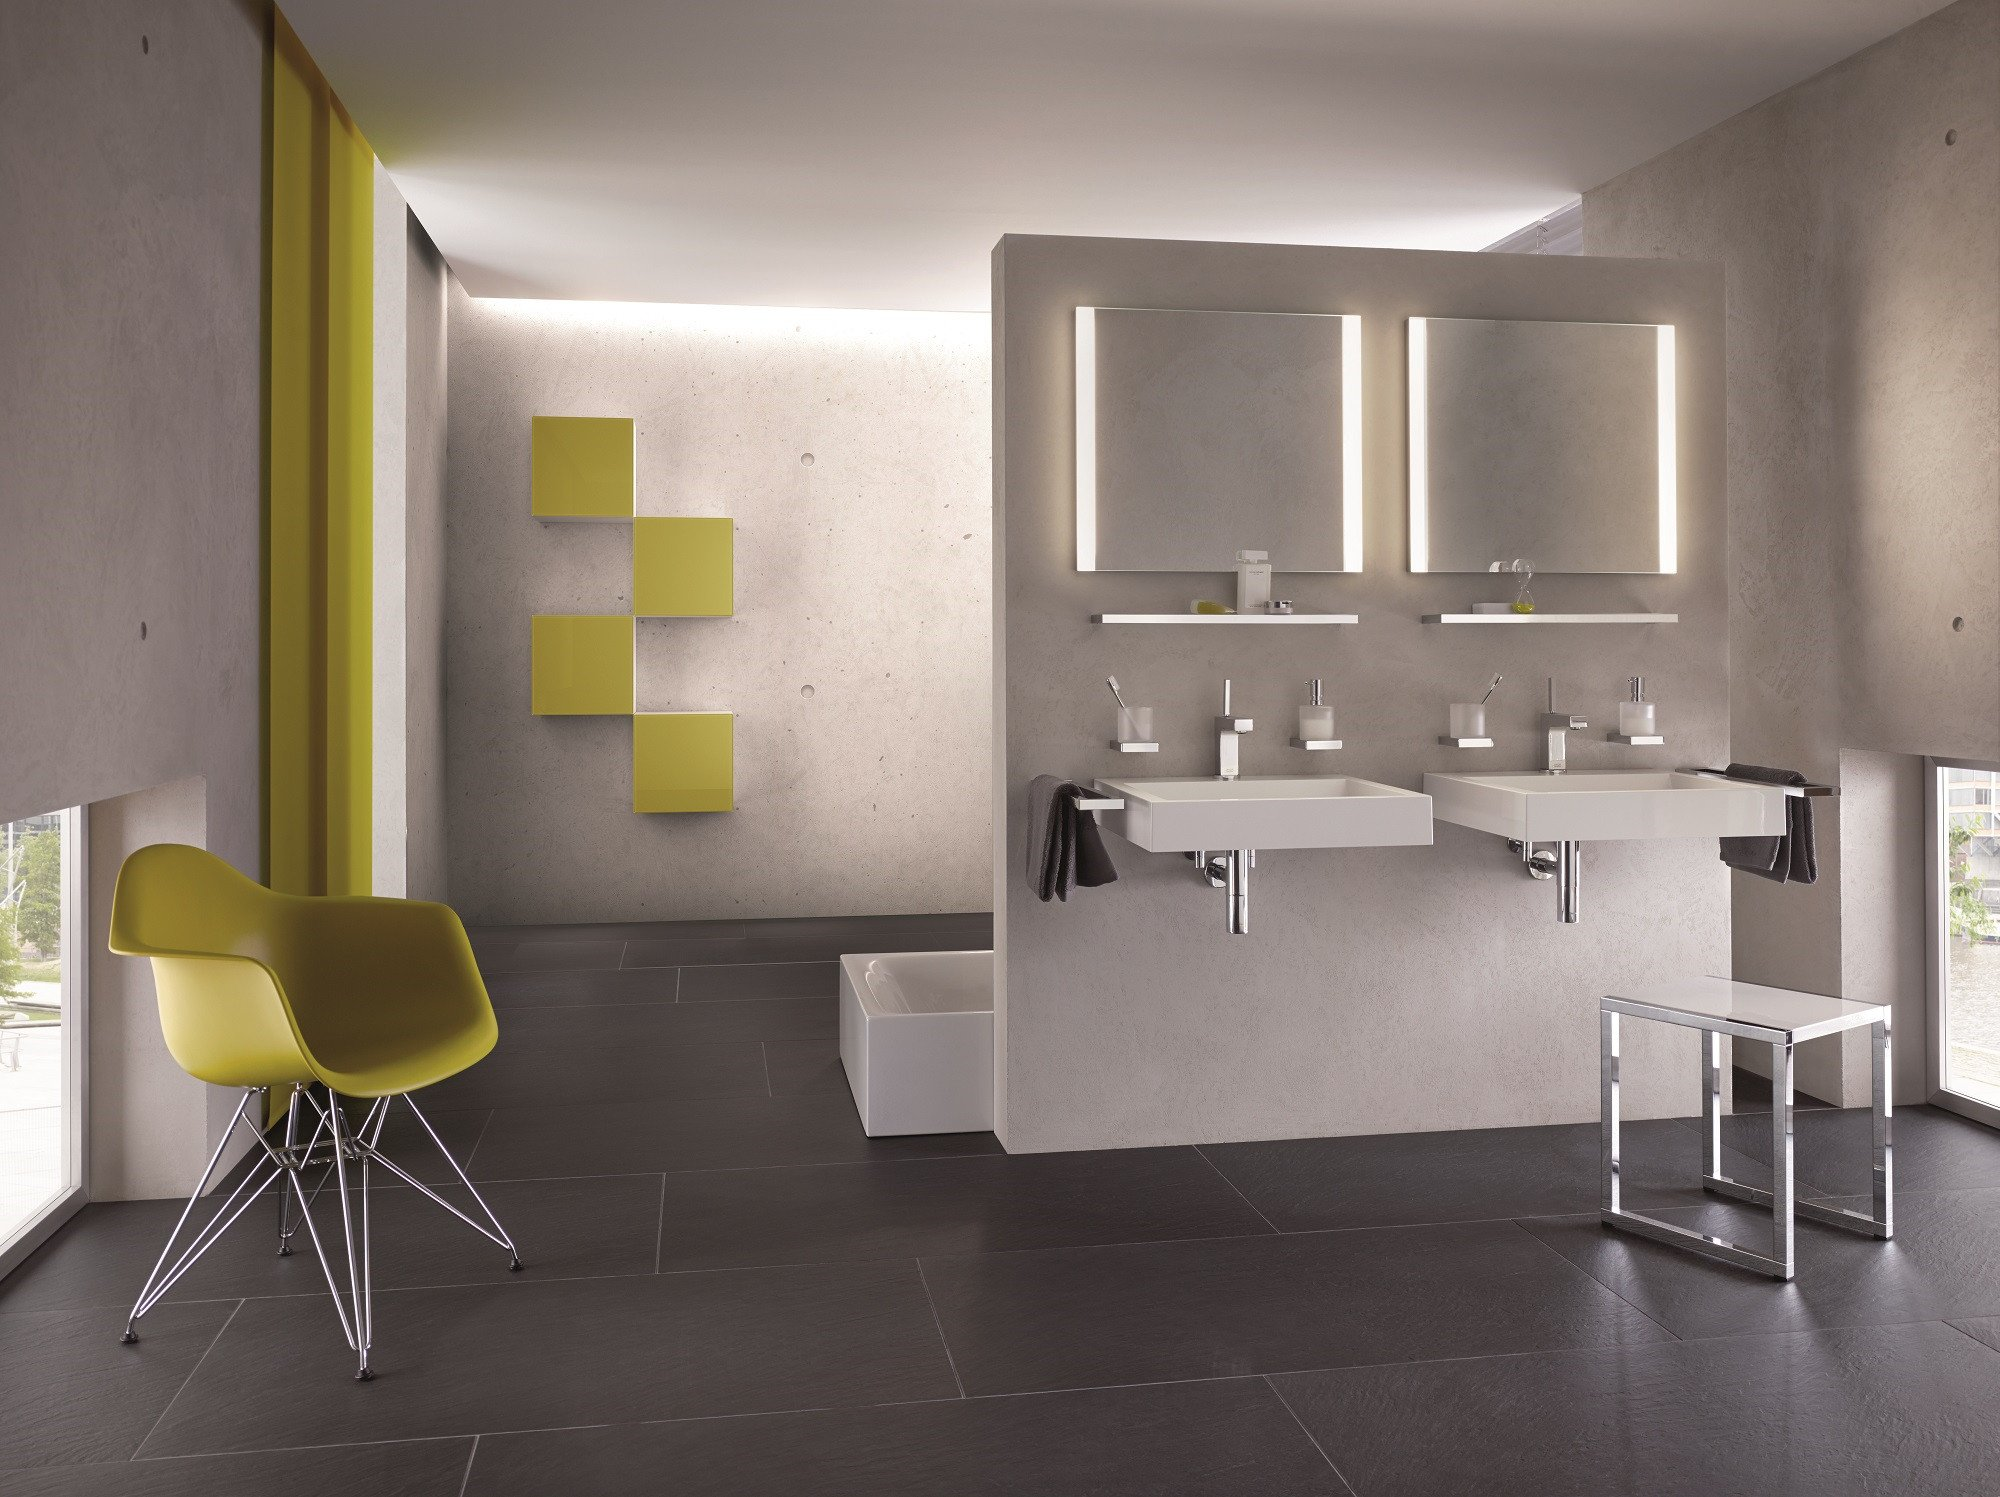 Atemberaubend Klassische Küchen Und Bäder Ventura Galerie - Küche ...